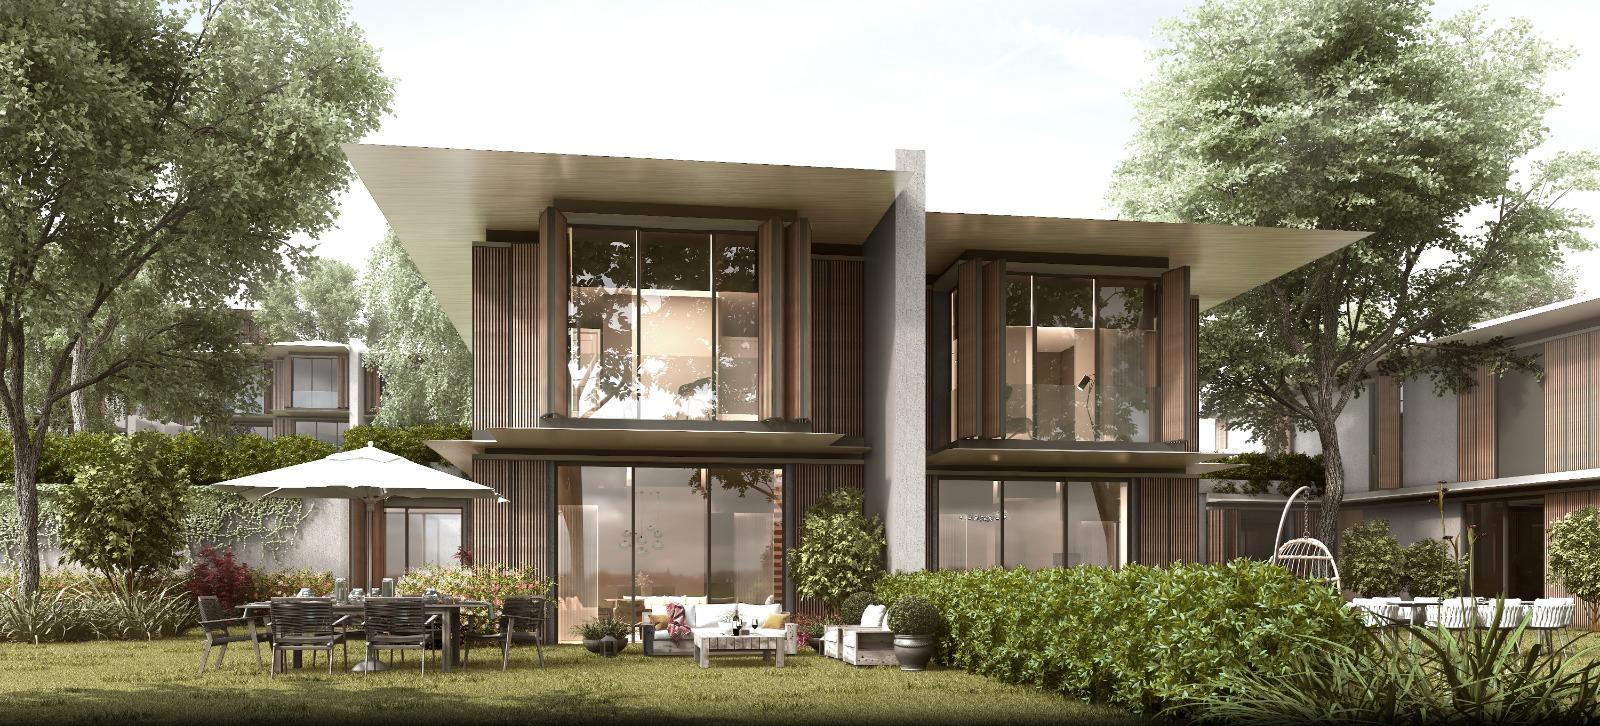 Эксклюзивный проект-комплекс вилл в Бейкоз - Фото 31